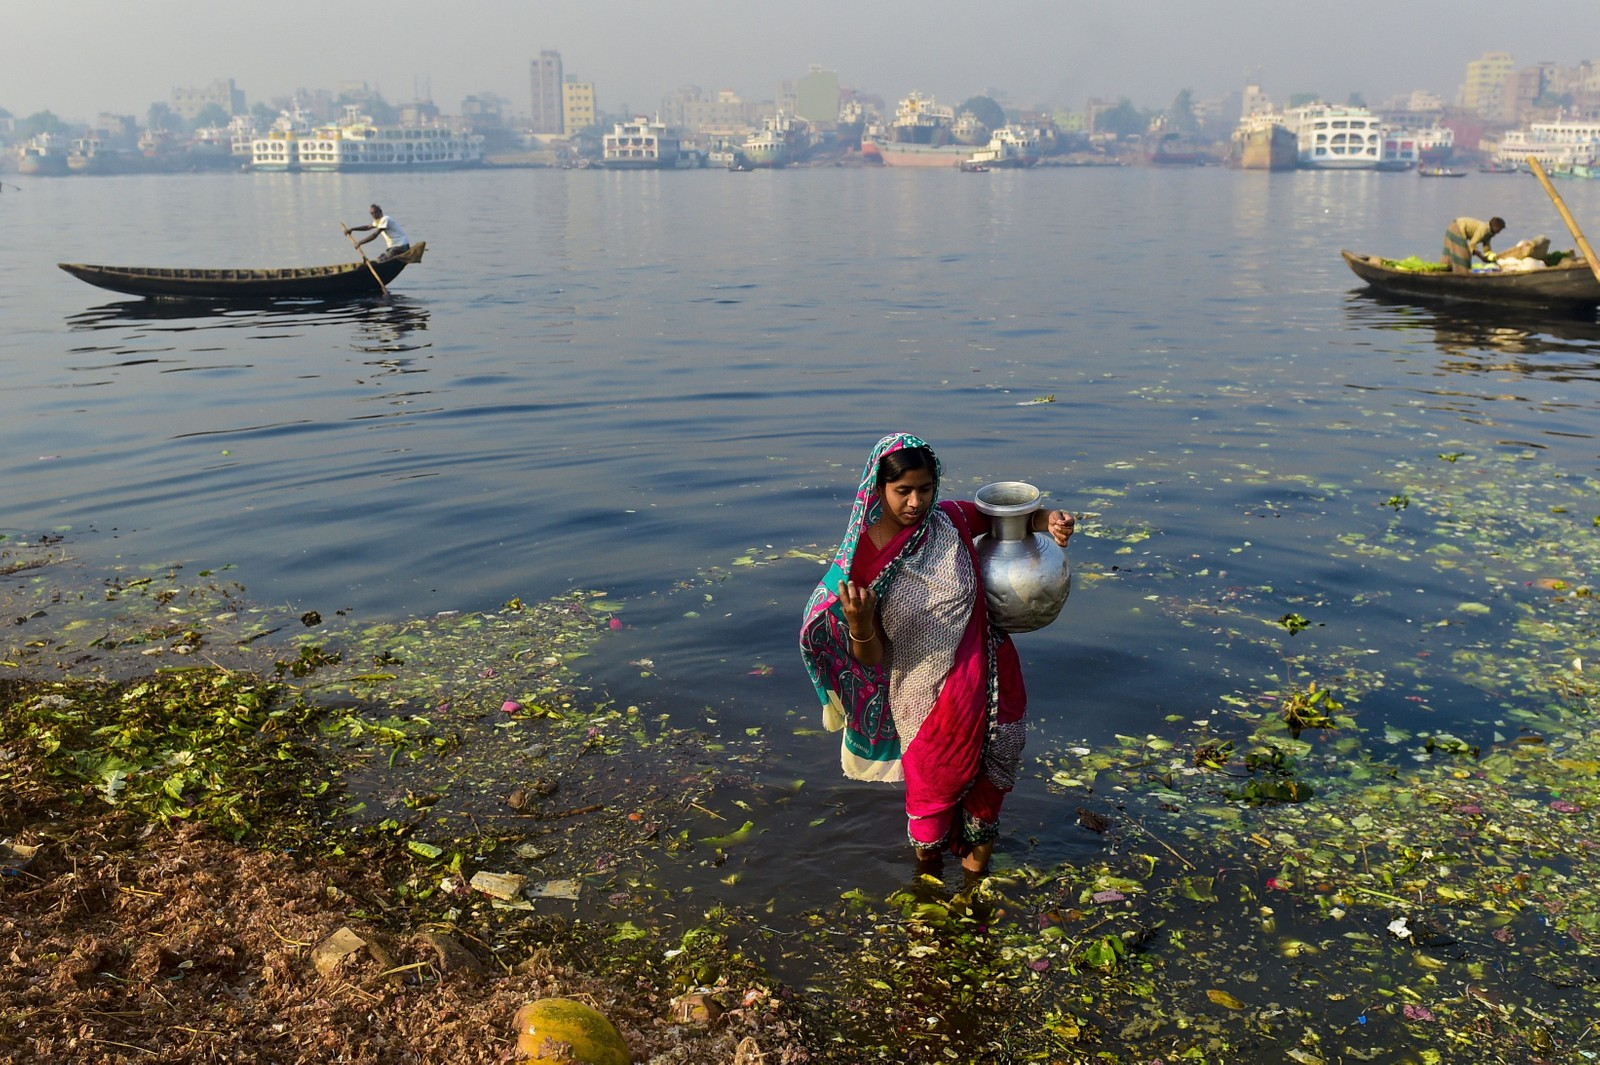 En kvinne fra Bangladesh henter forurenset vann hun skal bruke til å vanne grønnsakene sine.